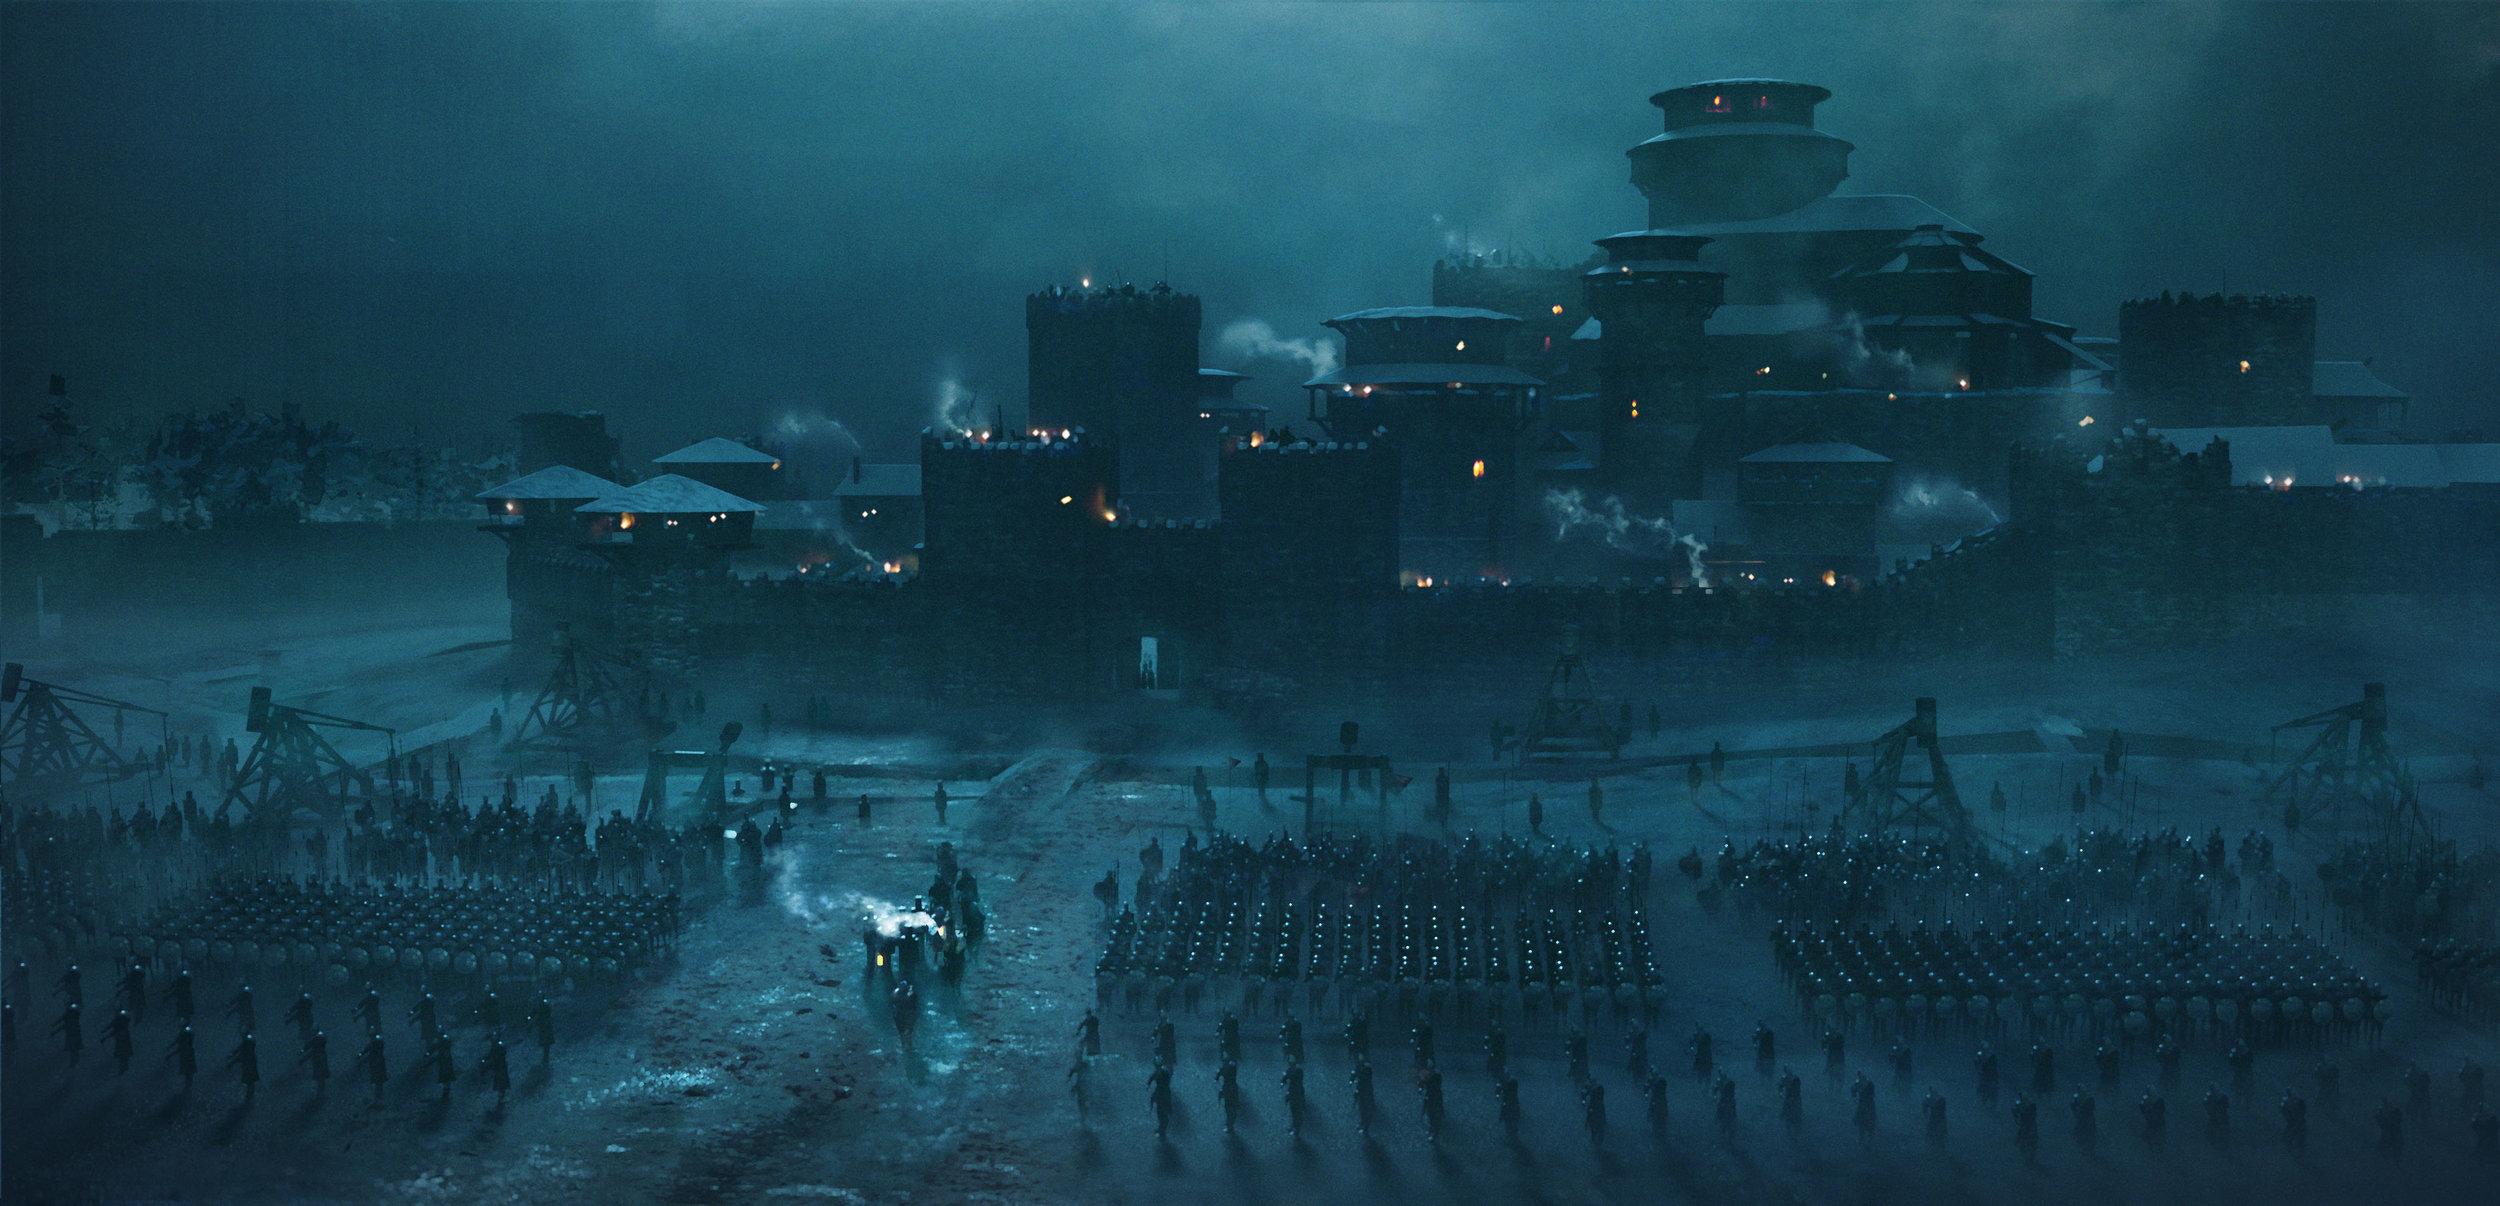 Winterfell_Gates_Formation_SKT_004_ps.jpg